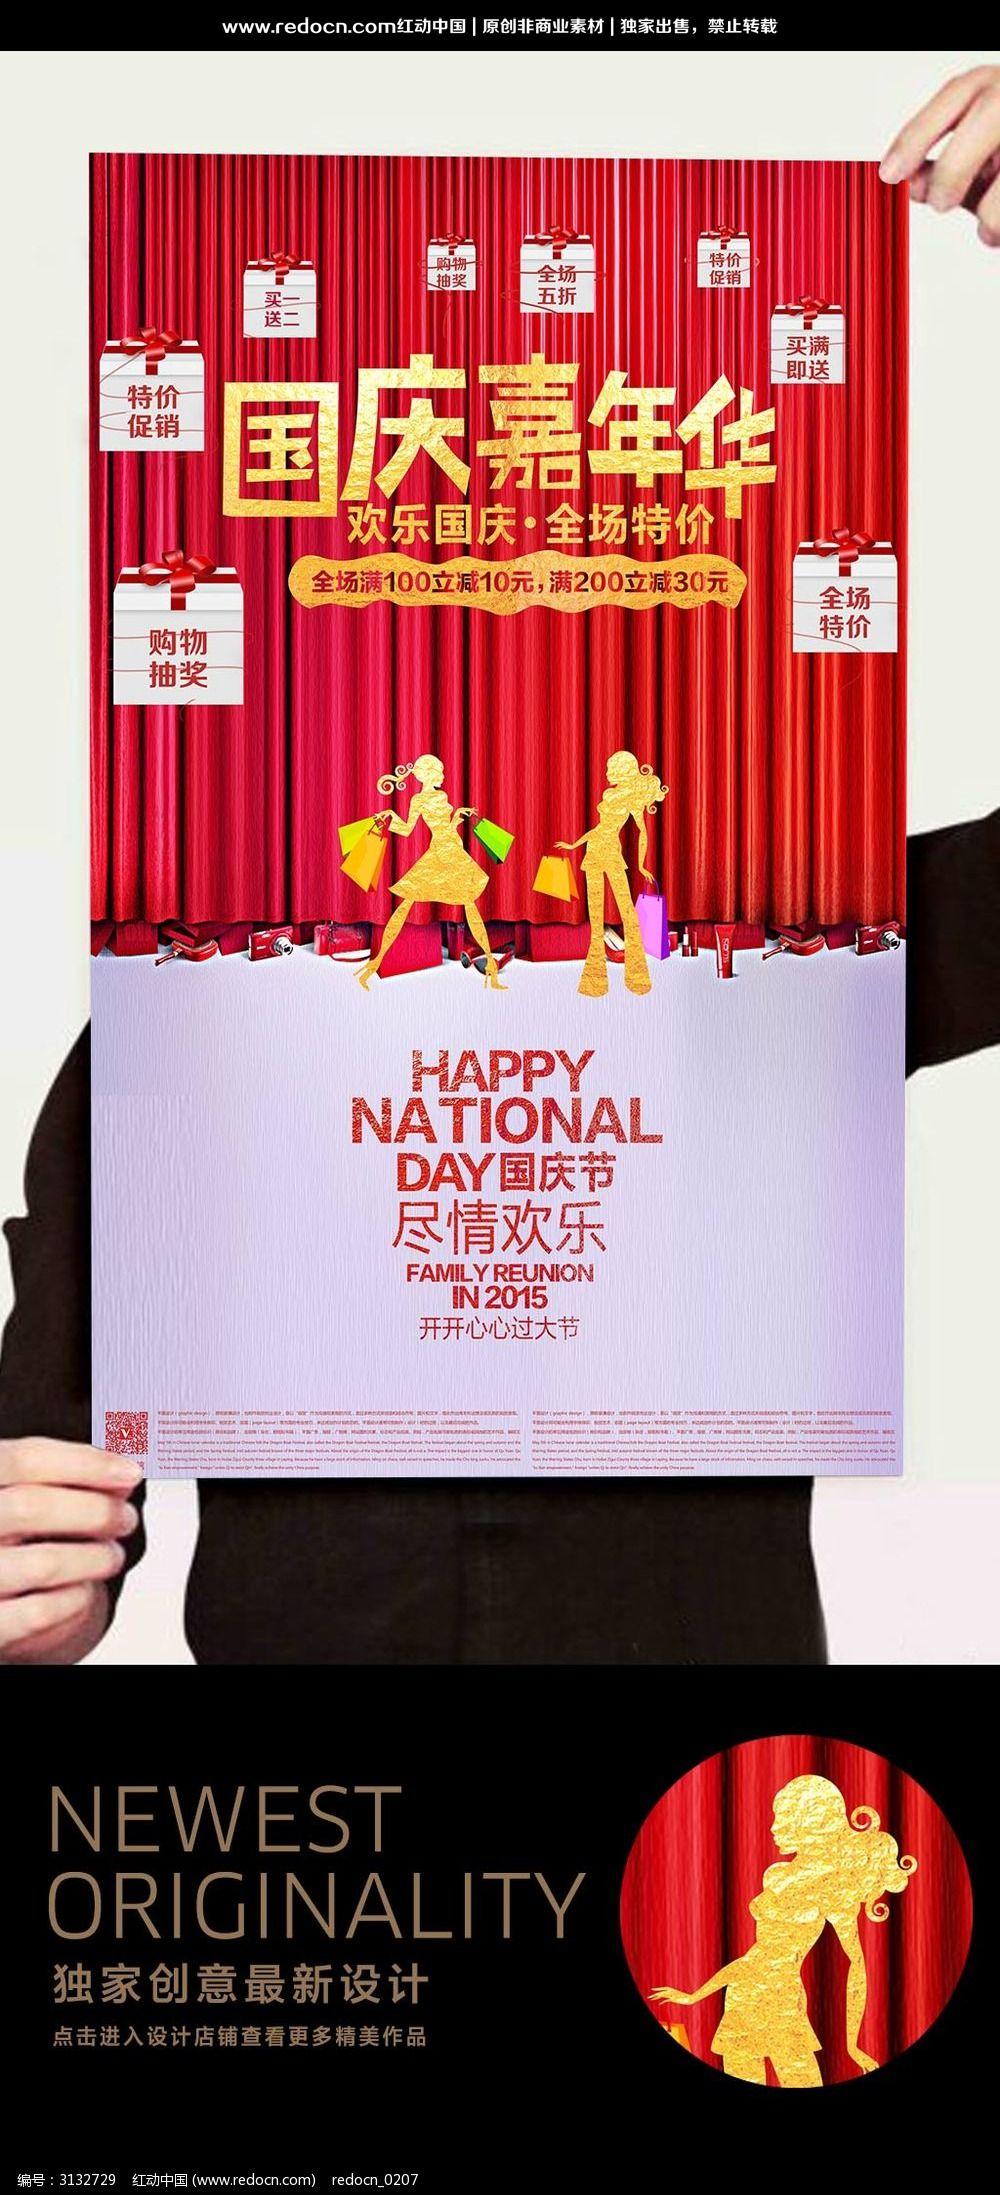 12款 喜迎国庆百货商场促销海报设计